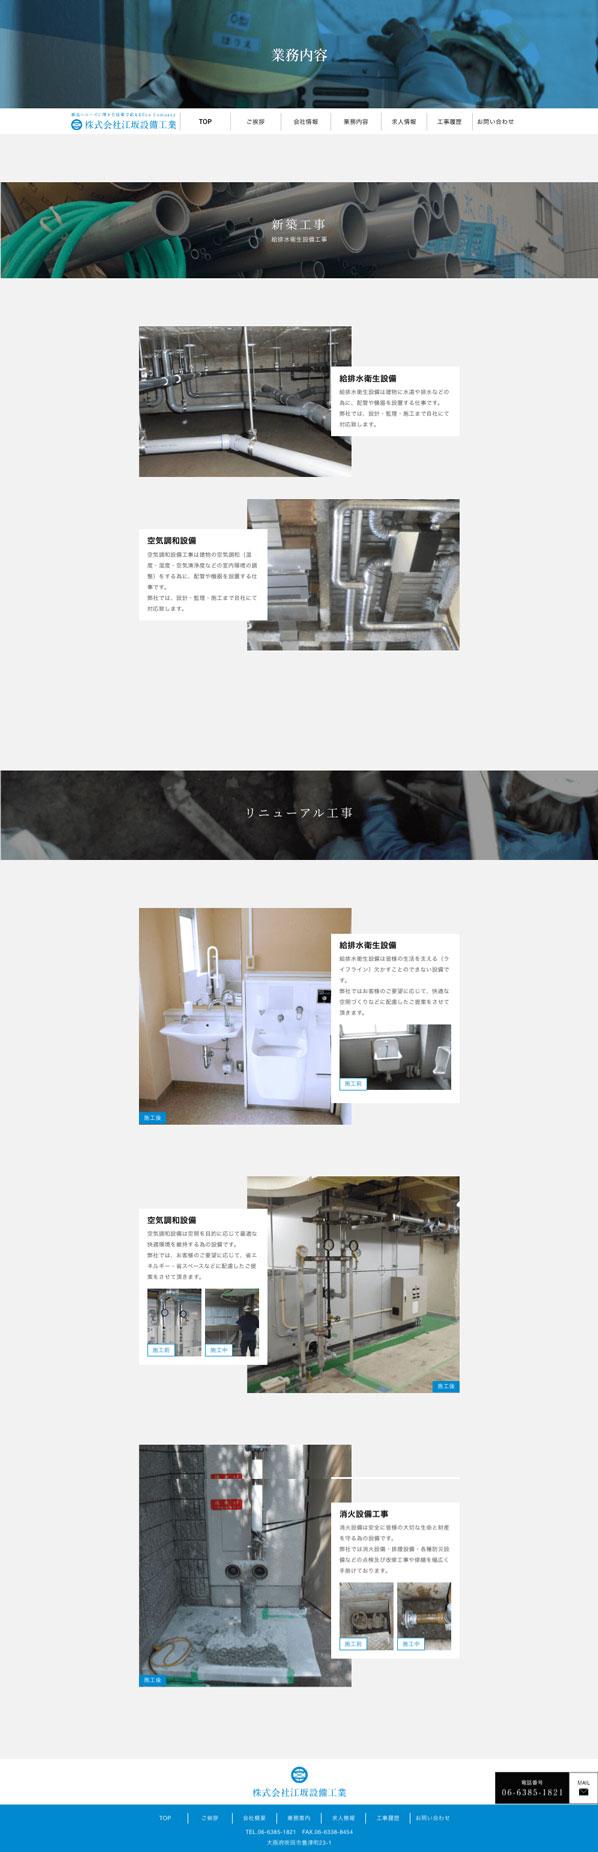 江坂設備工業webサイトデザイン事業内容